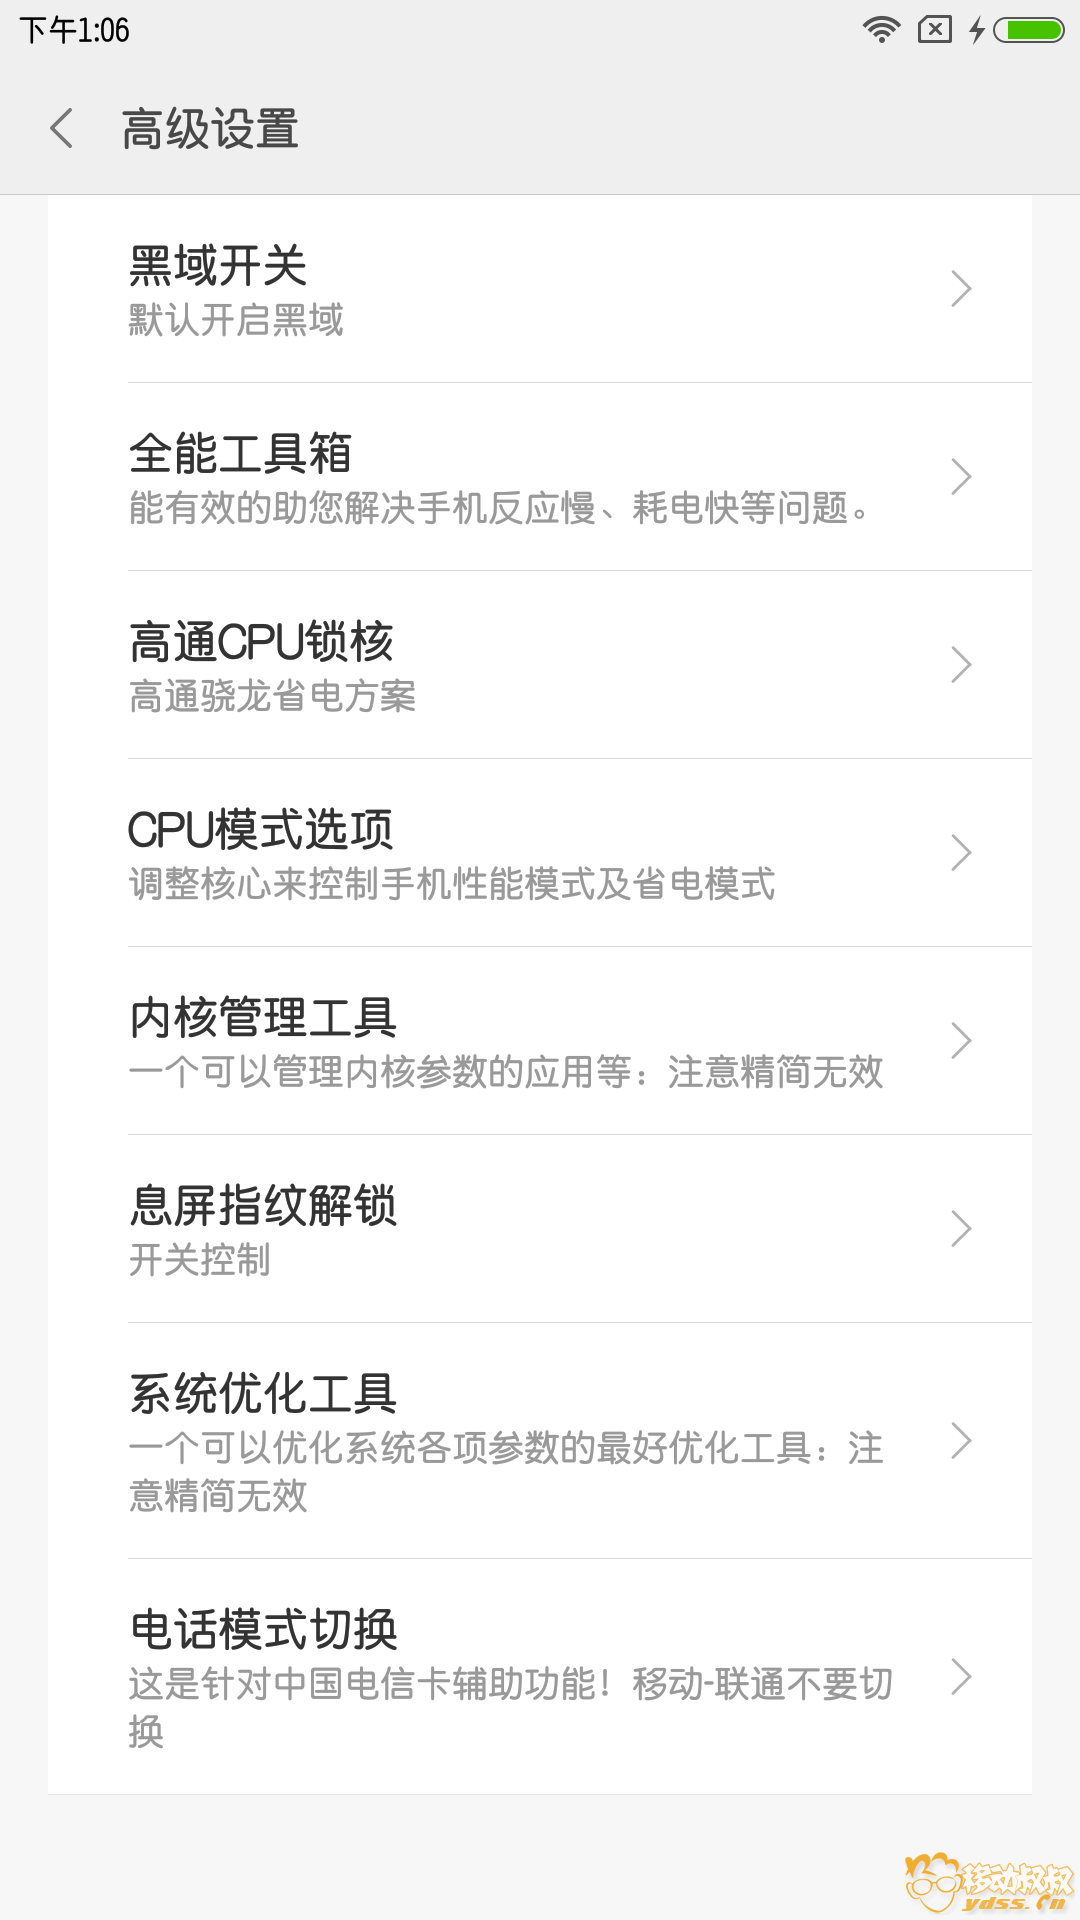 Screenshot_2018-03-13-13-06-05-387_com.makelove.settings.png